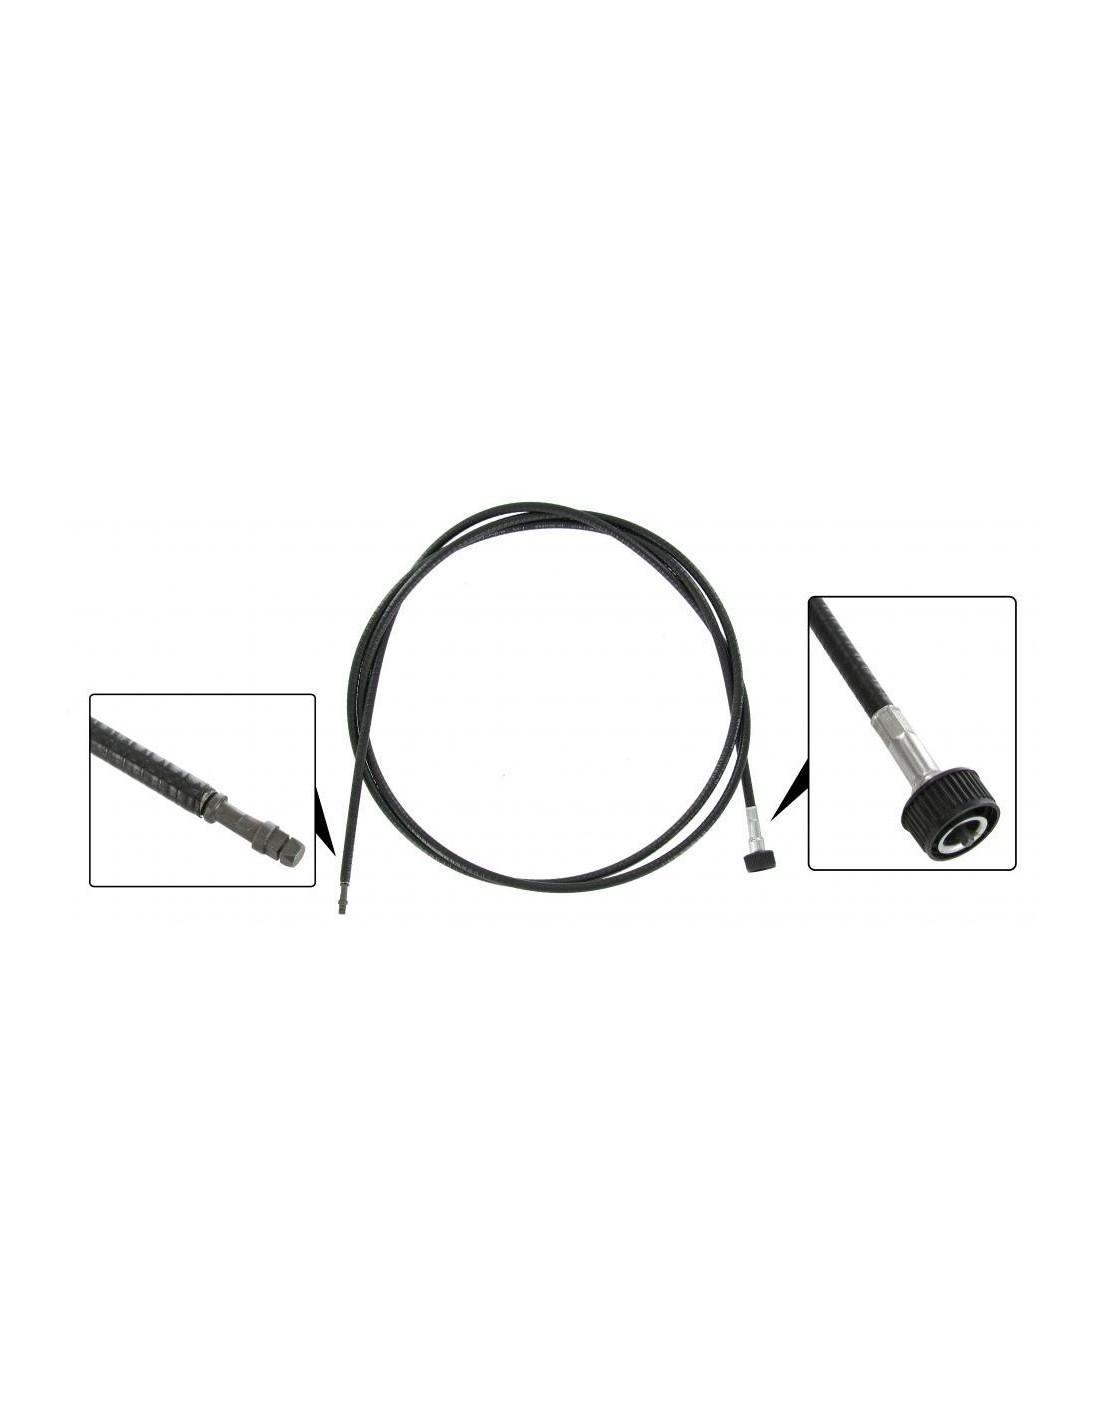 Cable De Compteur Pour Coccinelle 52 57